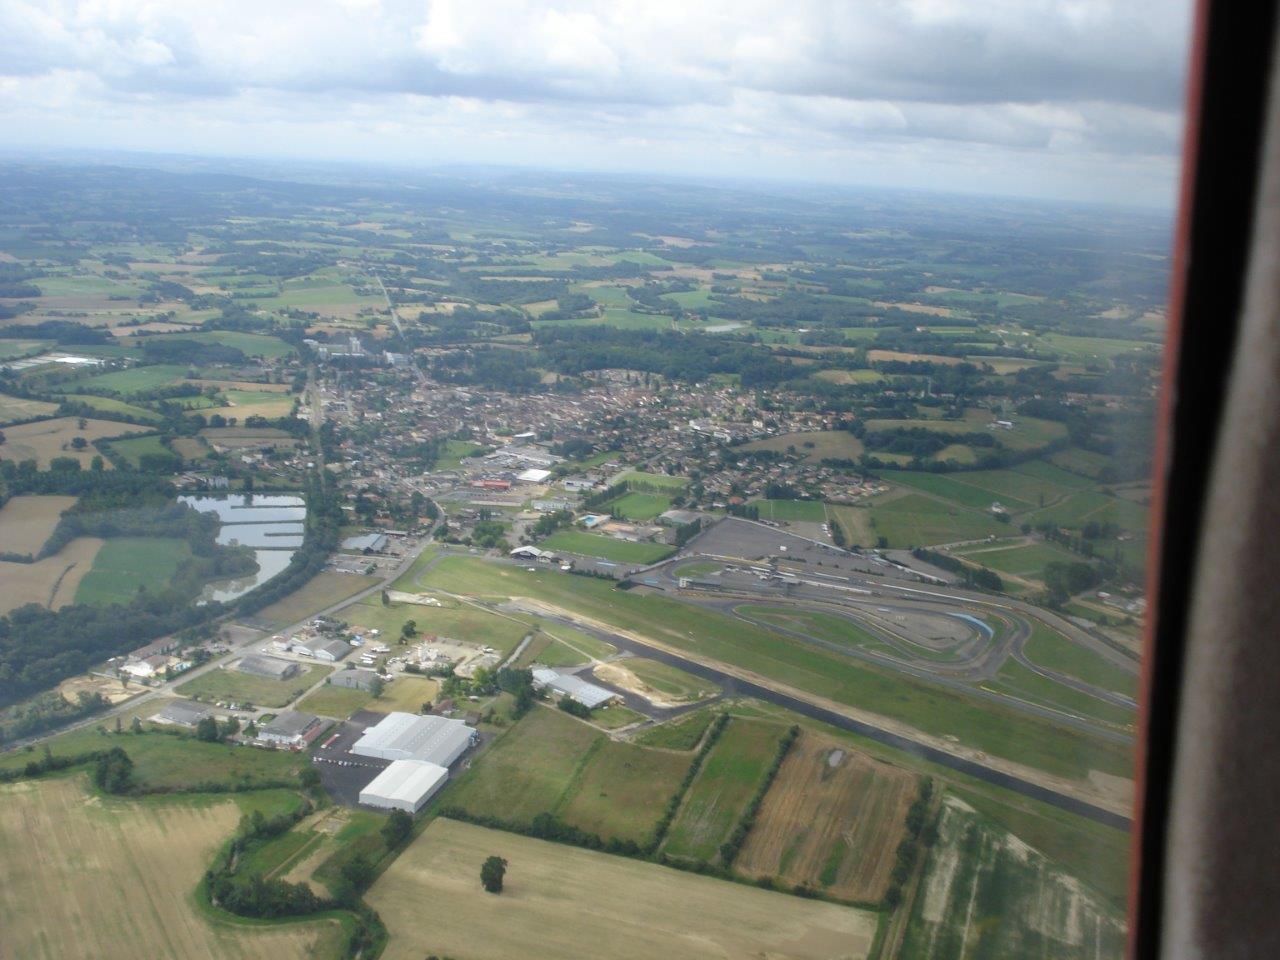 L'aérodrome de Nogaro (LFCN)